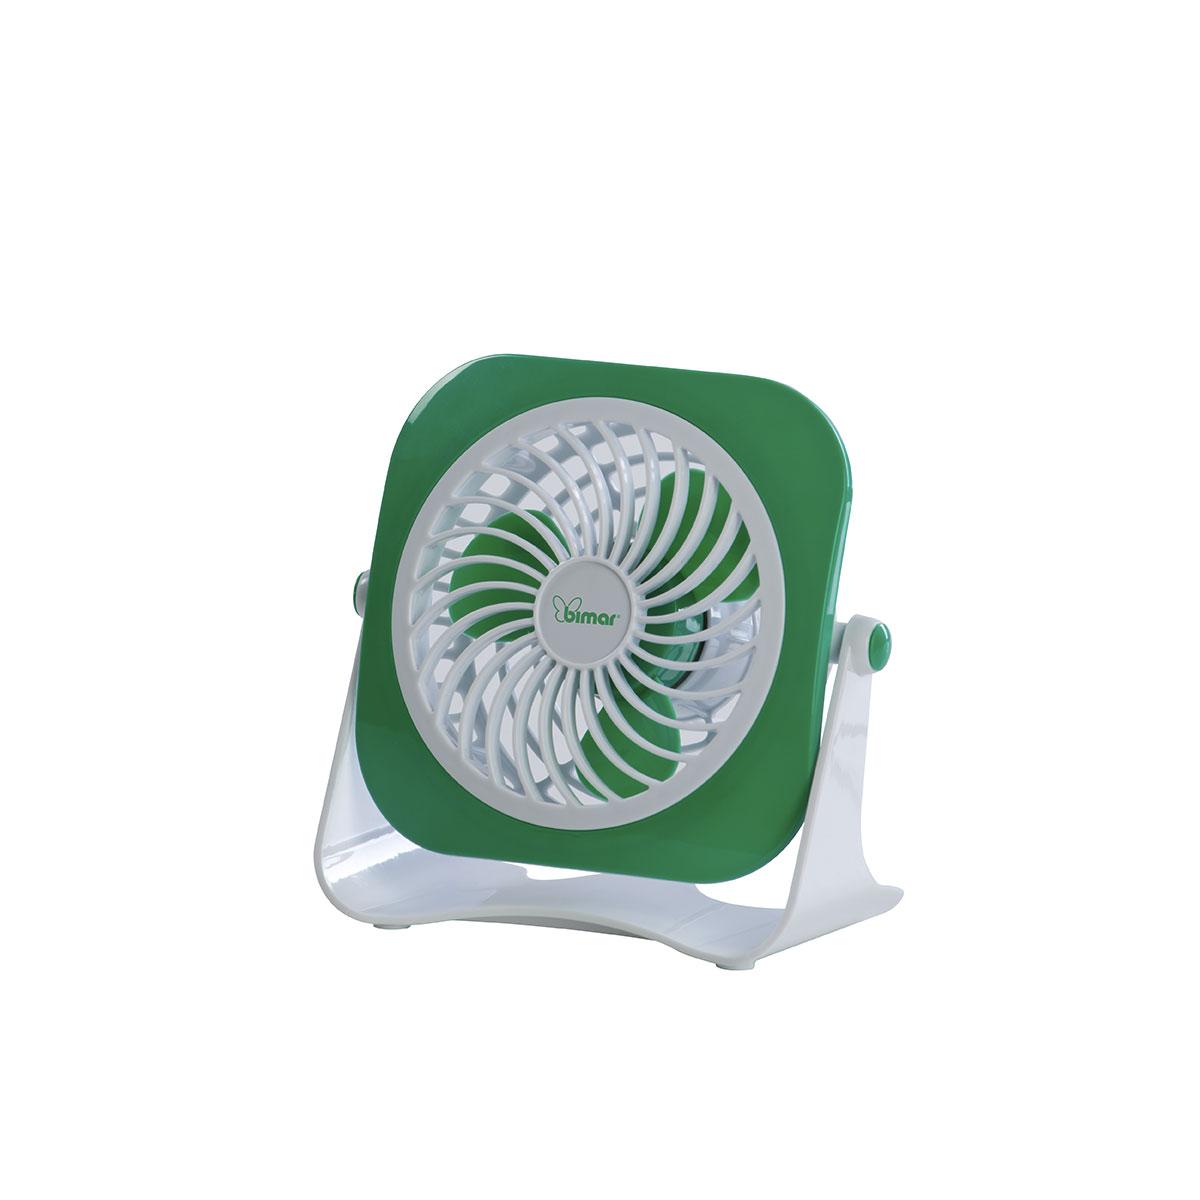 Ventilatore mini da tavolo con presa usb vt14 - Ventilatore da tavolo usb ...